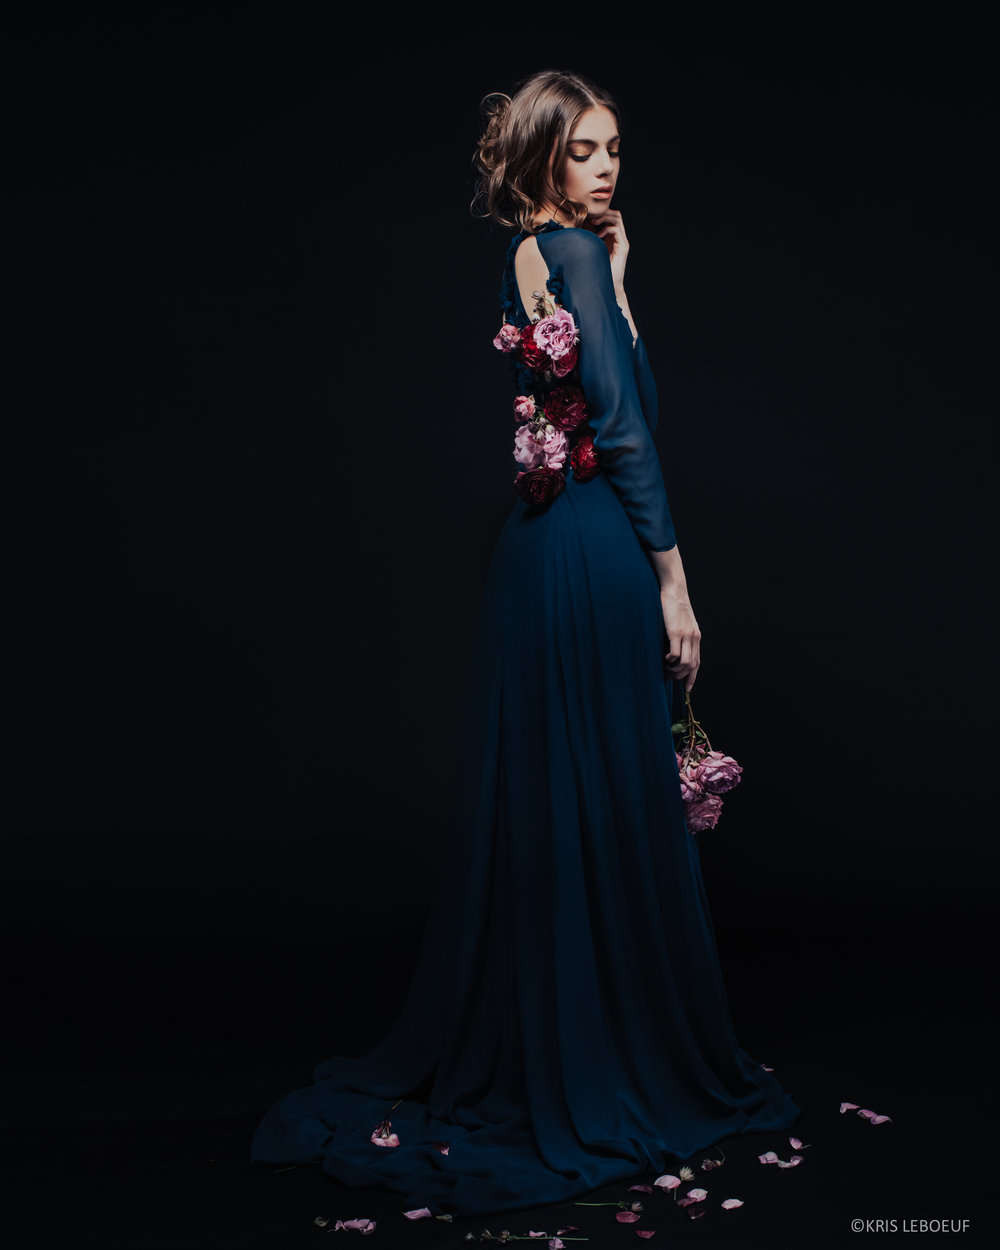 Kris-LeBoeuf_Dark-Floral_6928.jpg